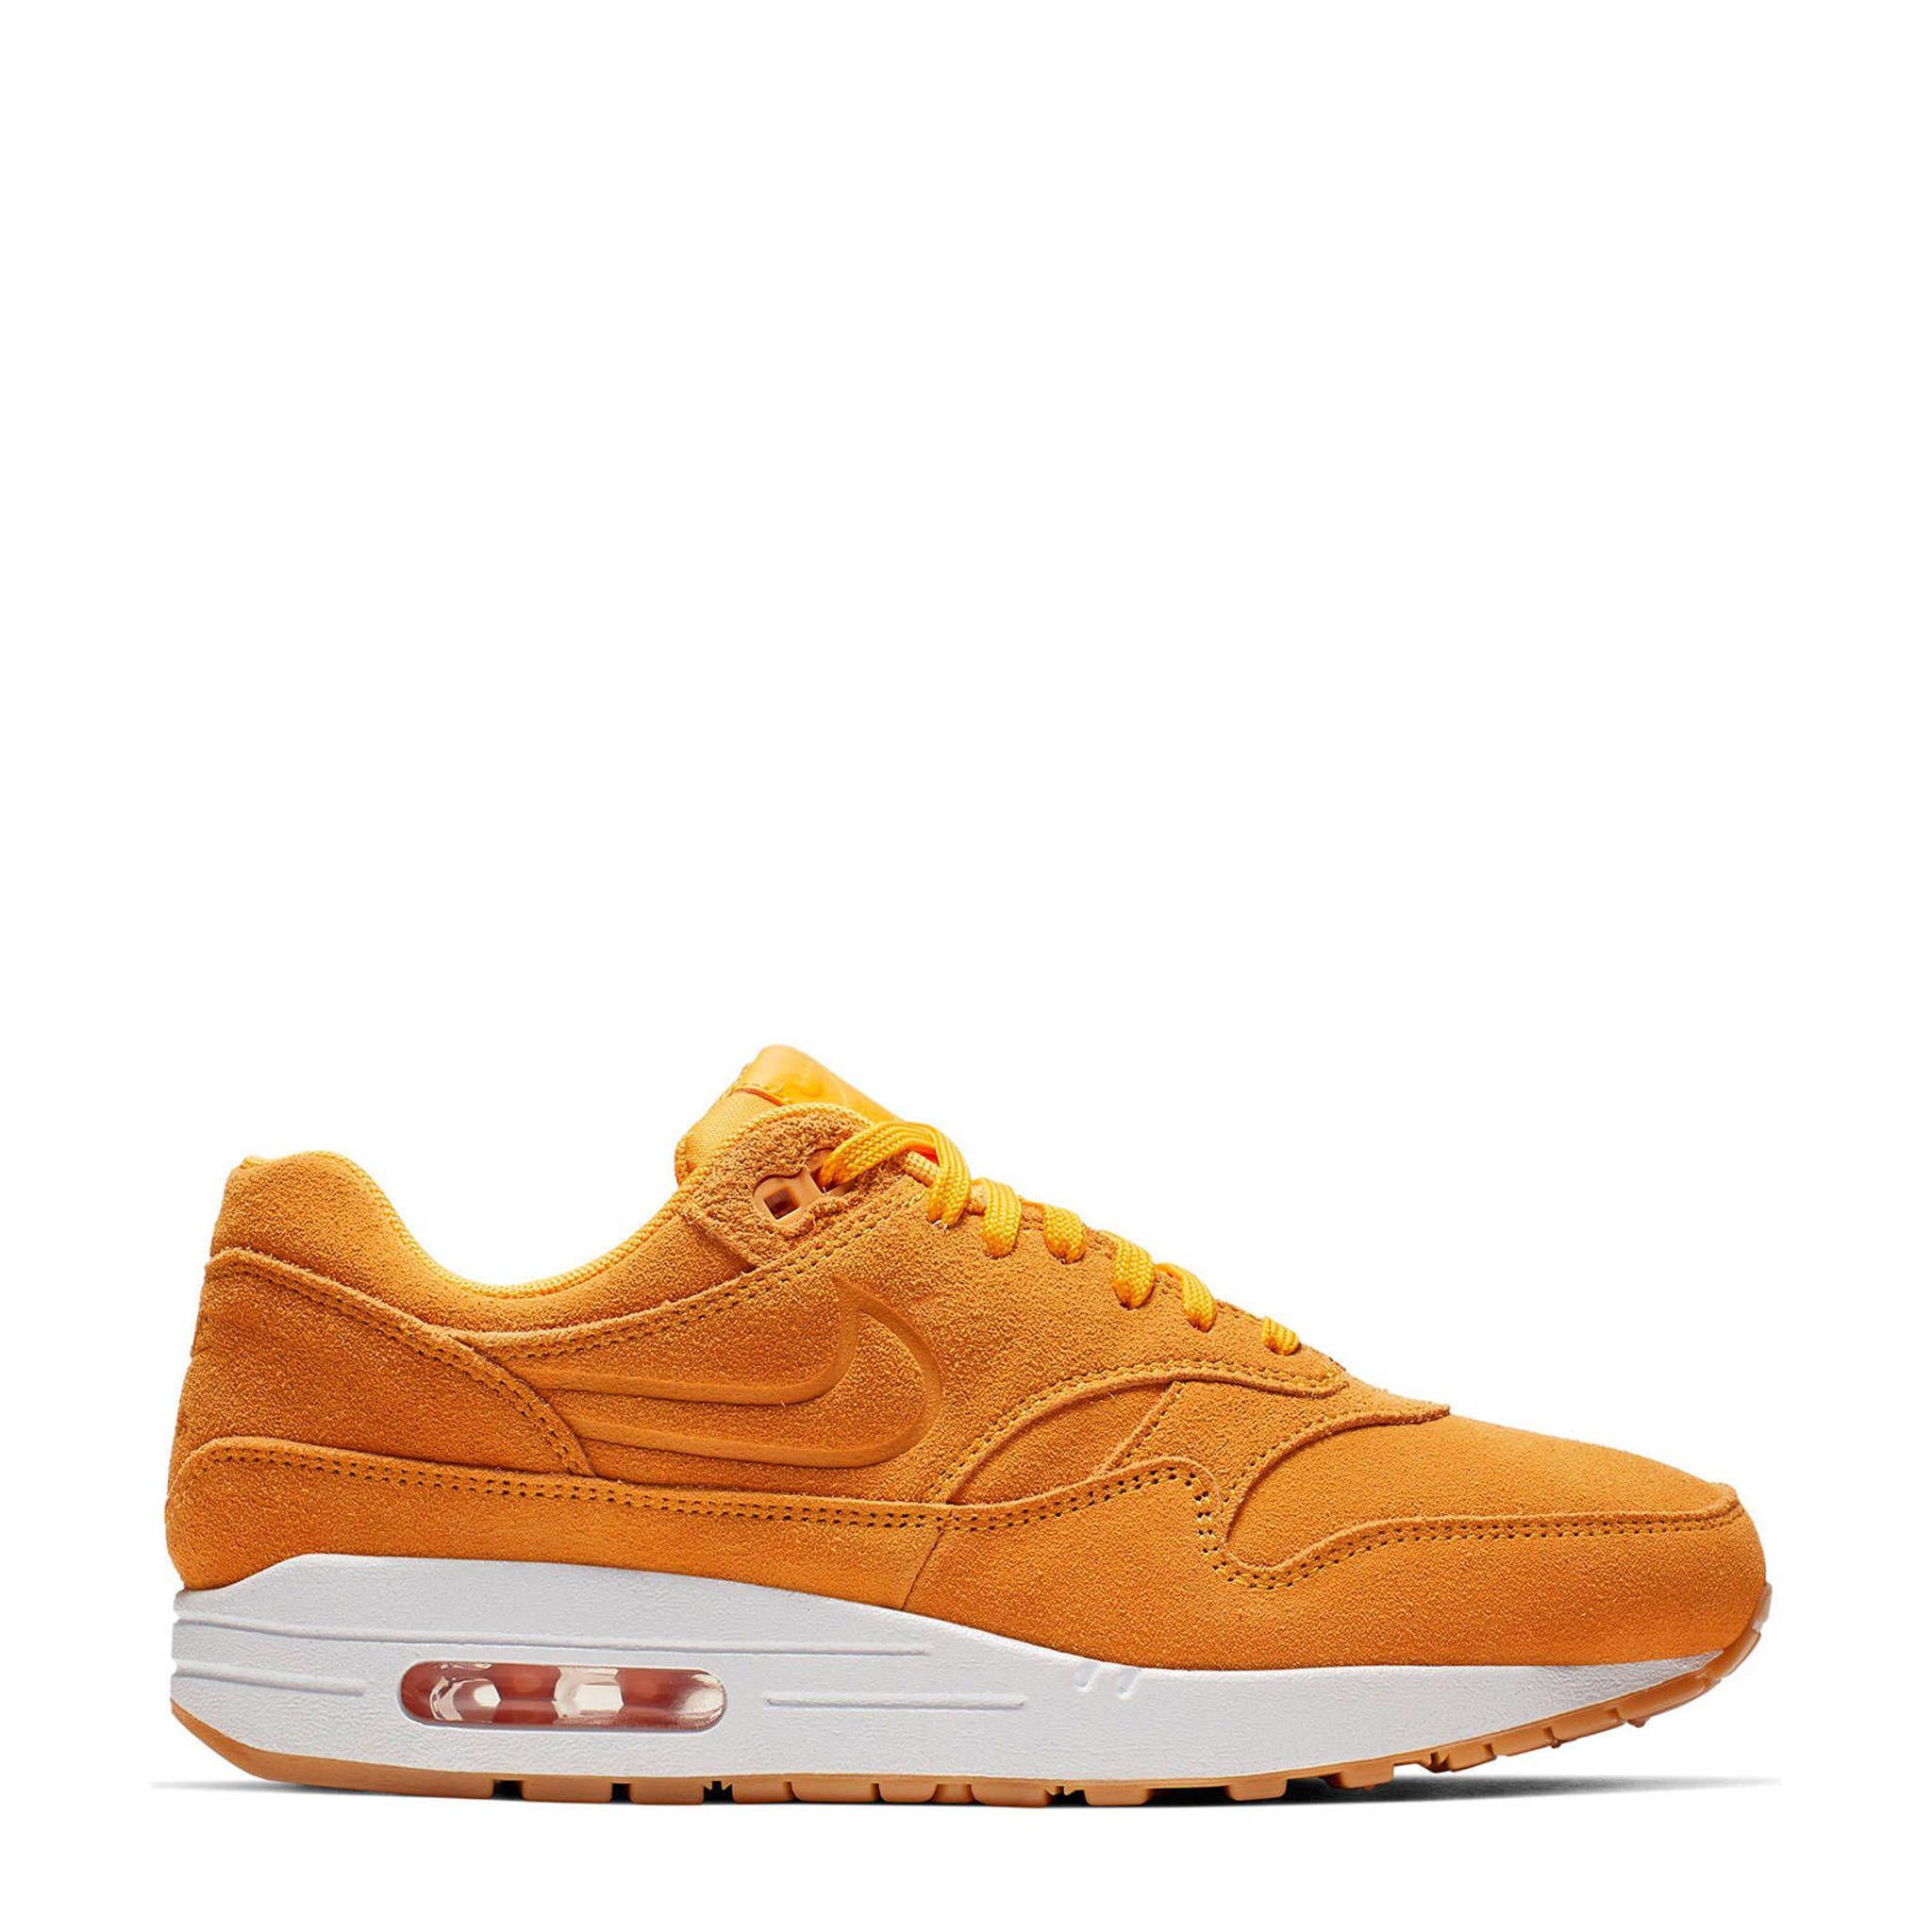 Air Max 1 Prm suède sneakers   Nike air max, Nike sneakers ...